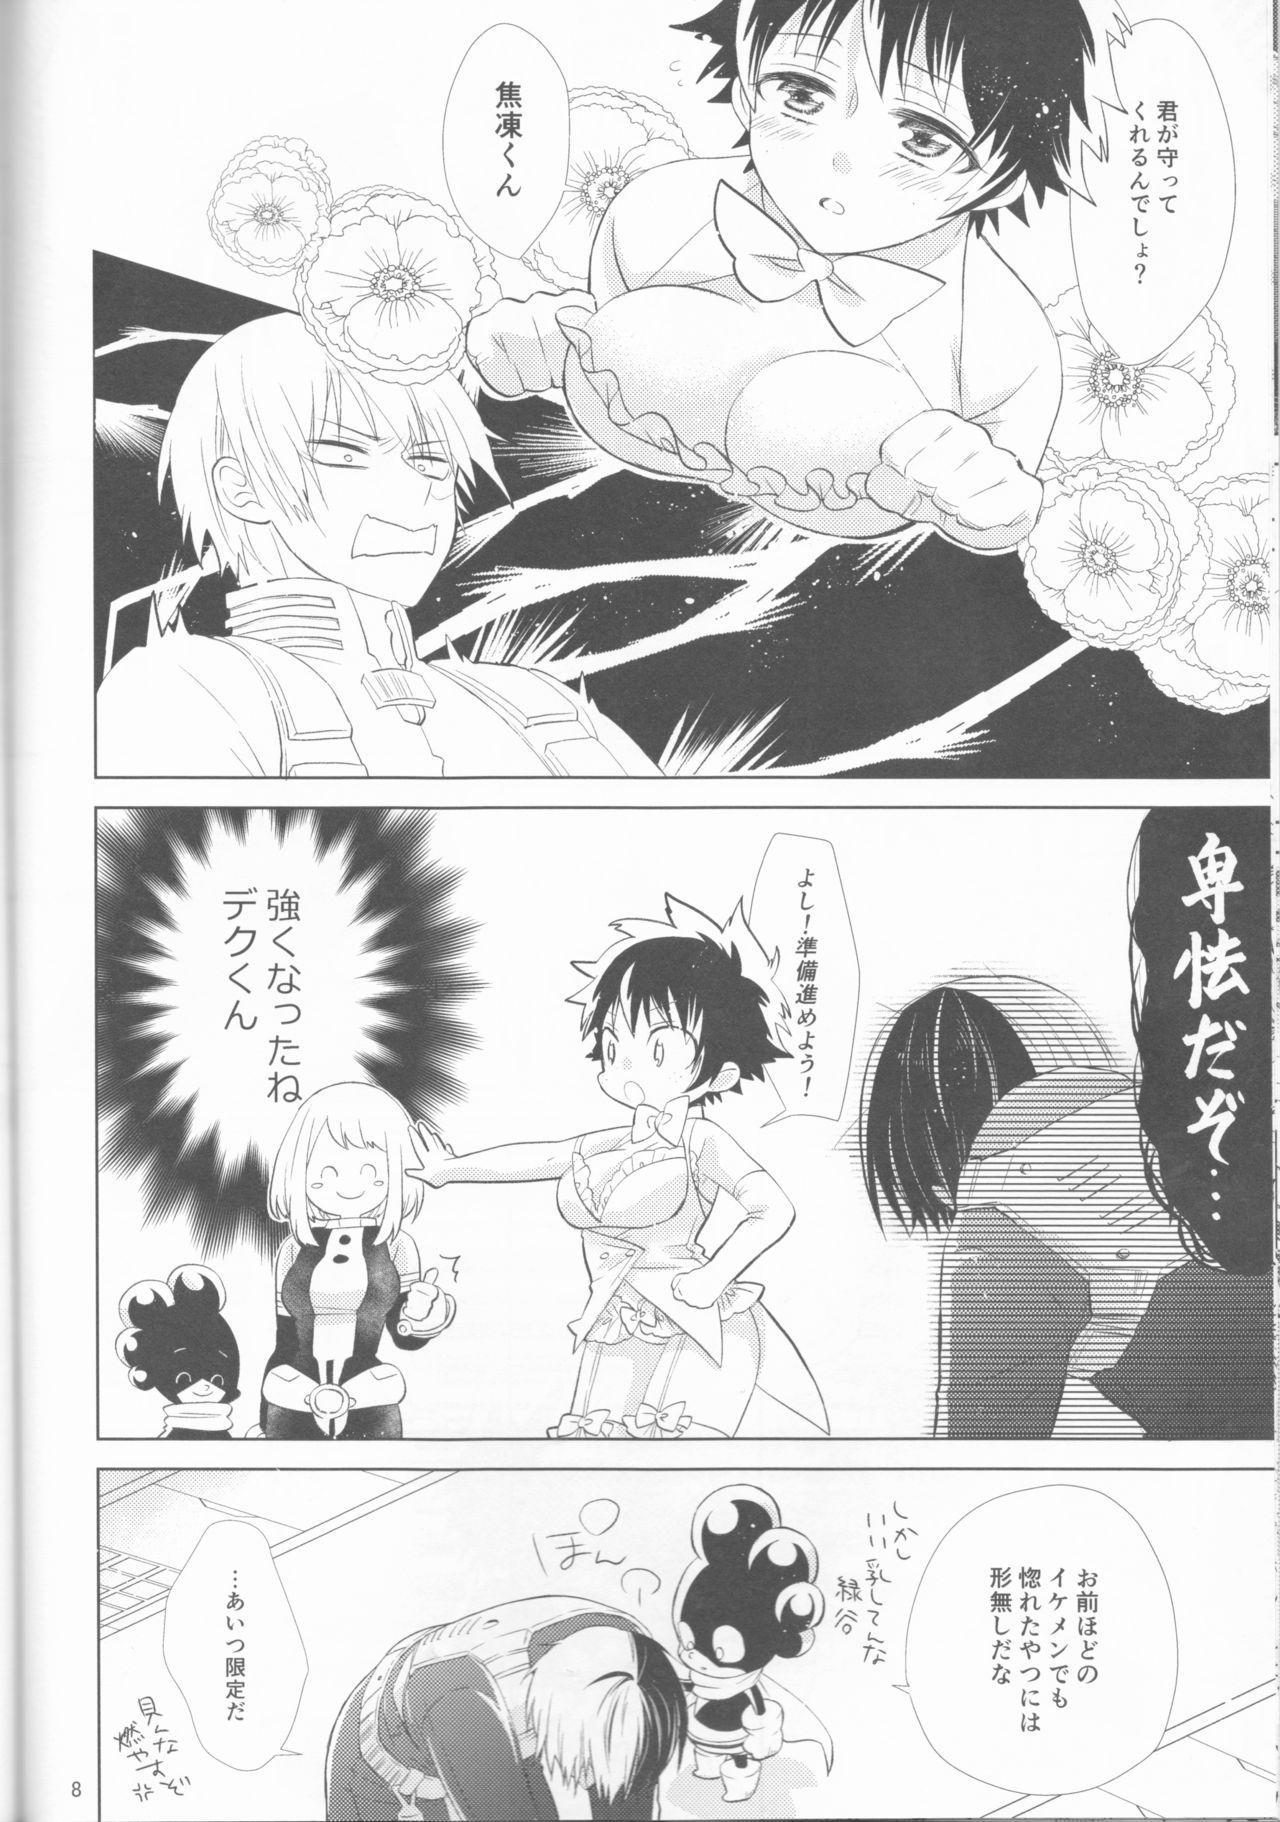 Sangatsu Usagi no Himegoto 8